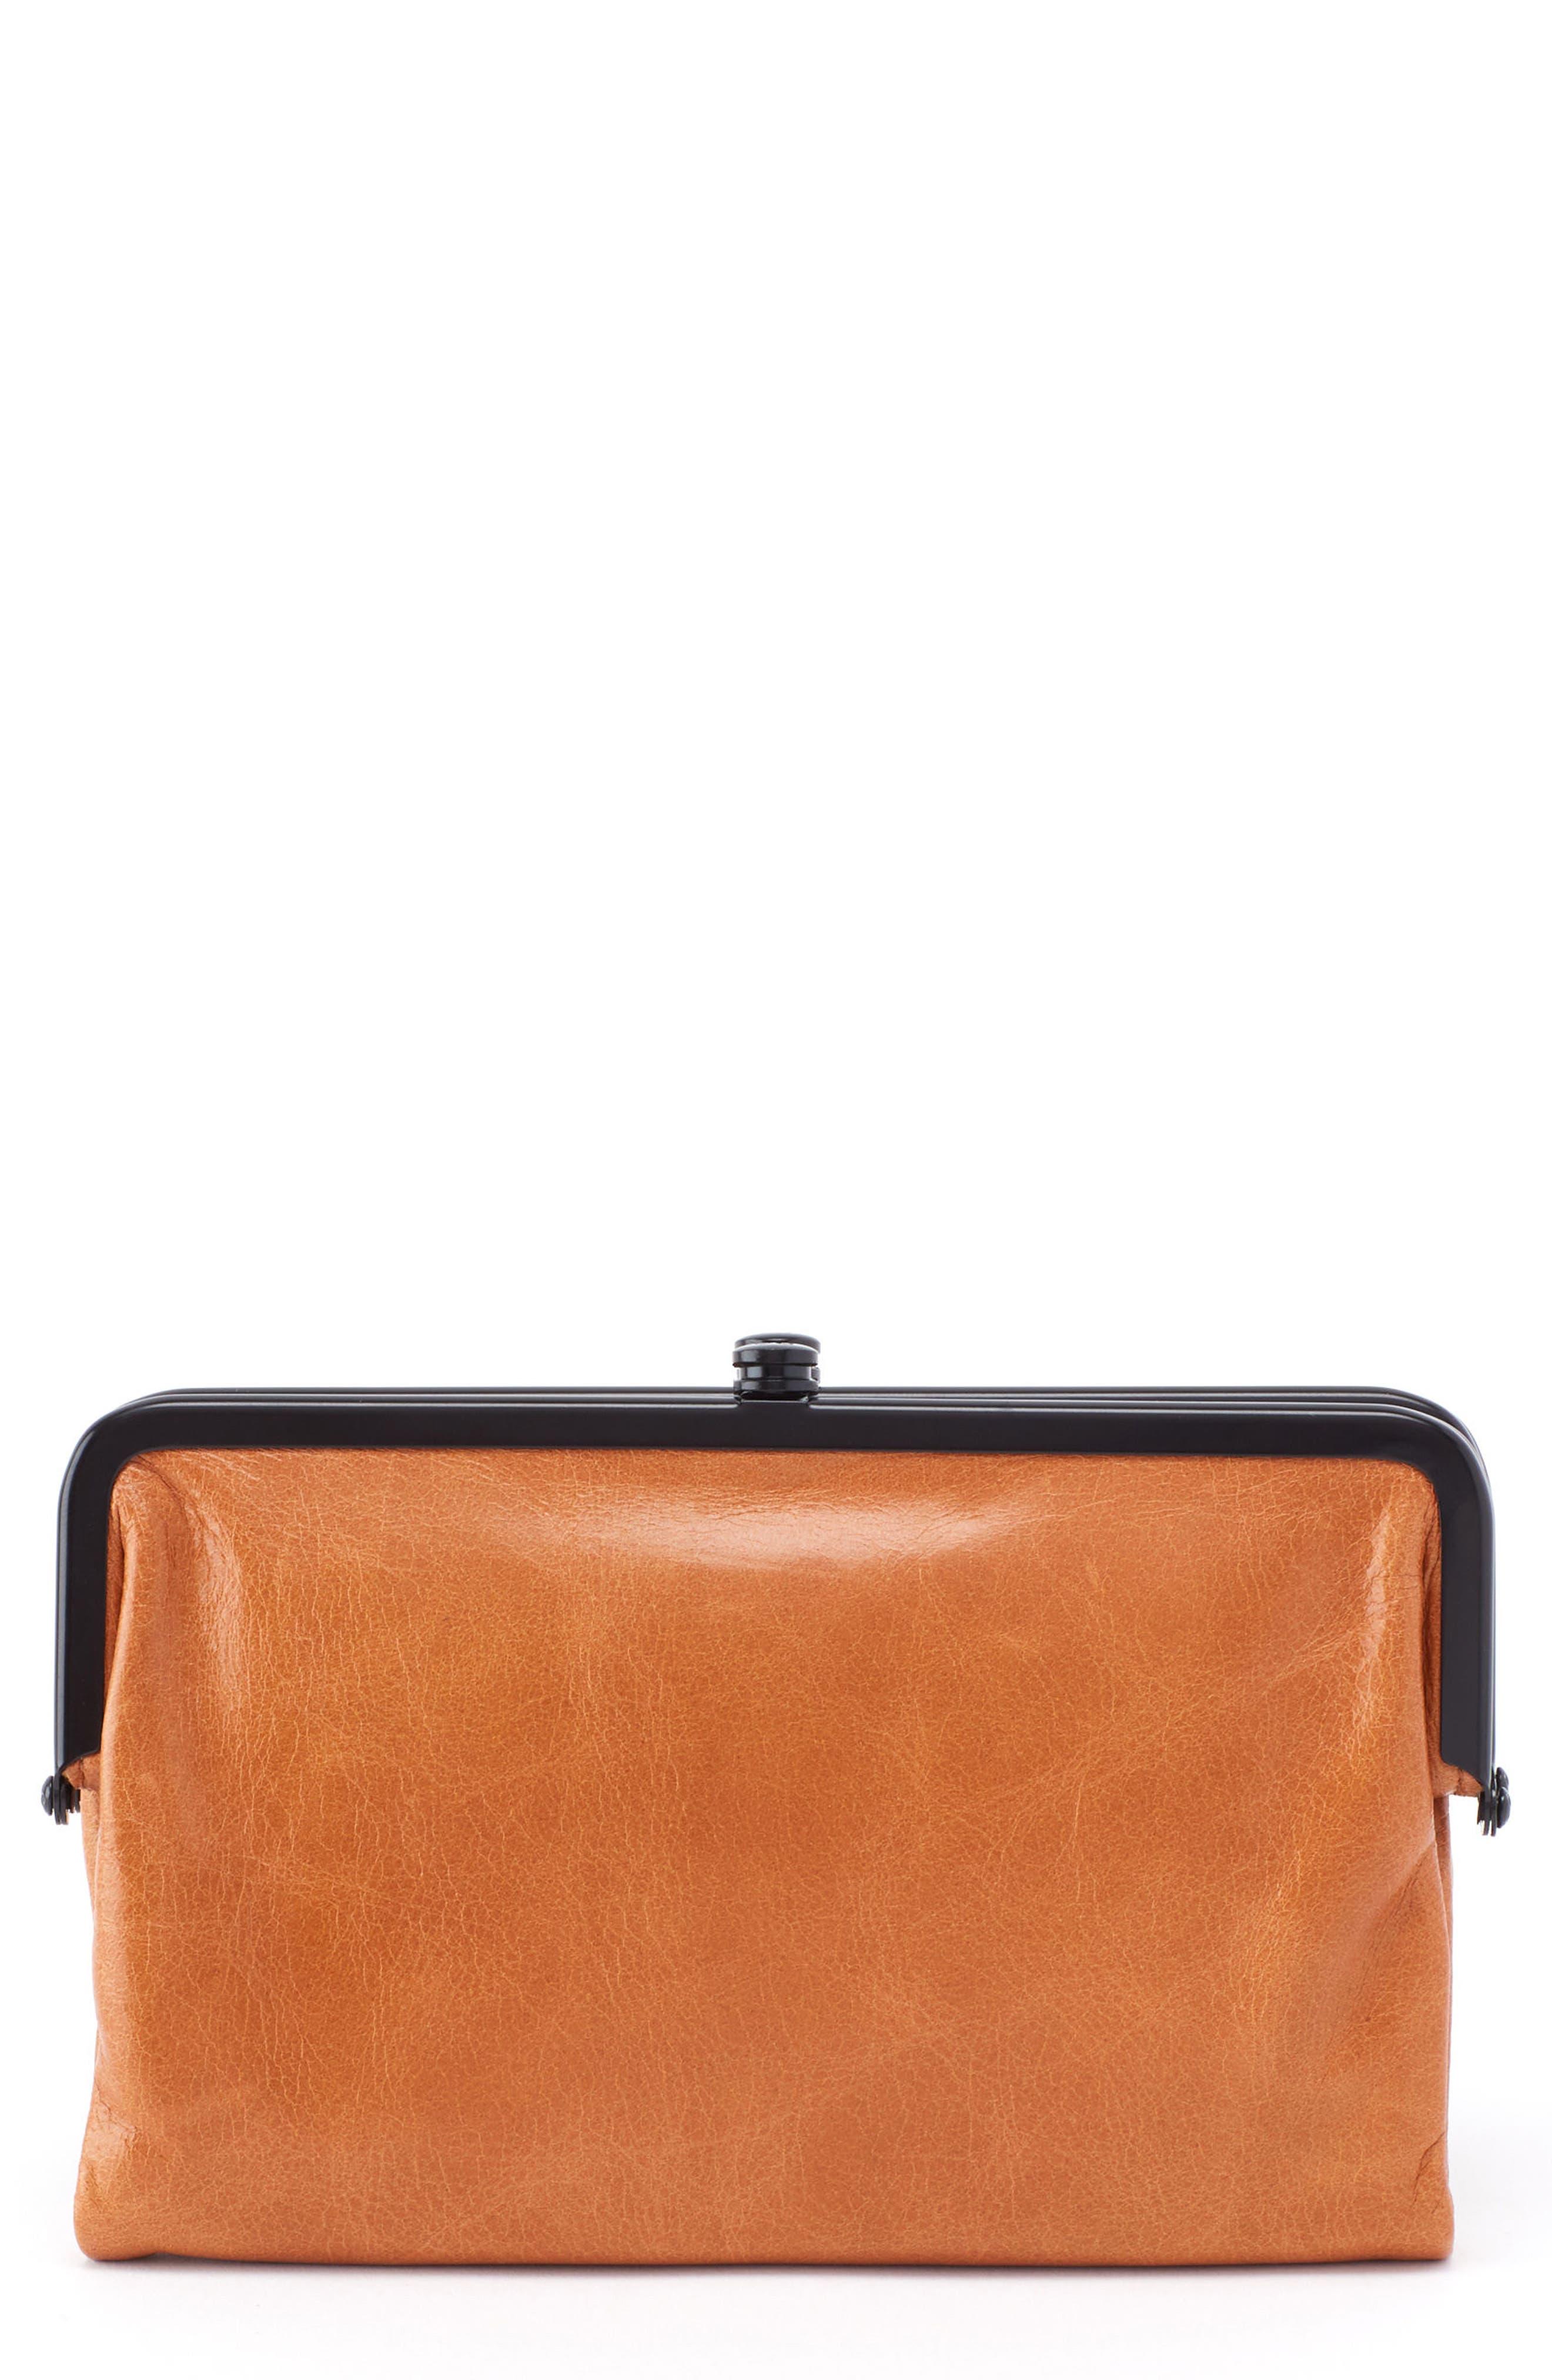 Hobo Glory Leather Wallet